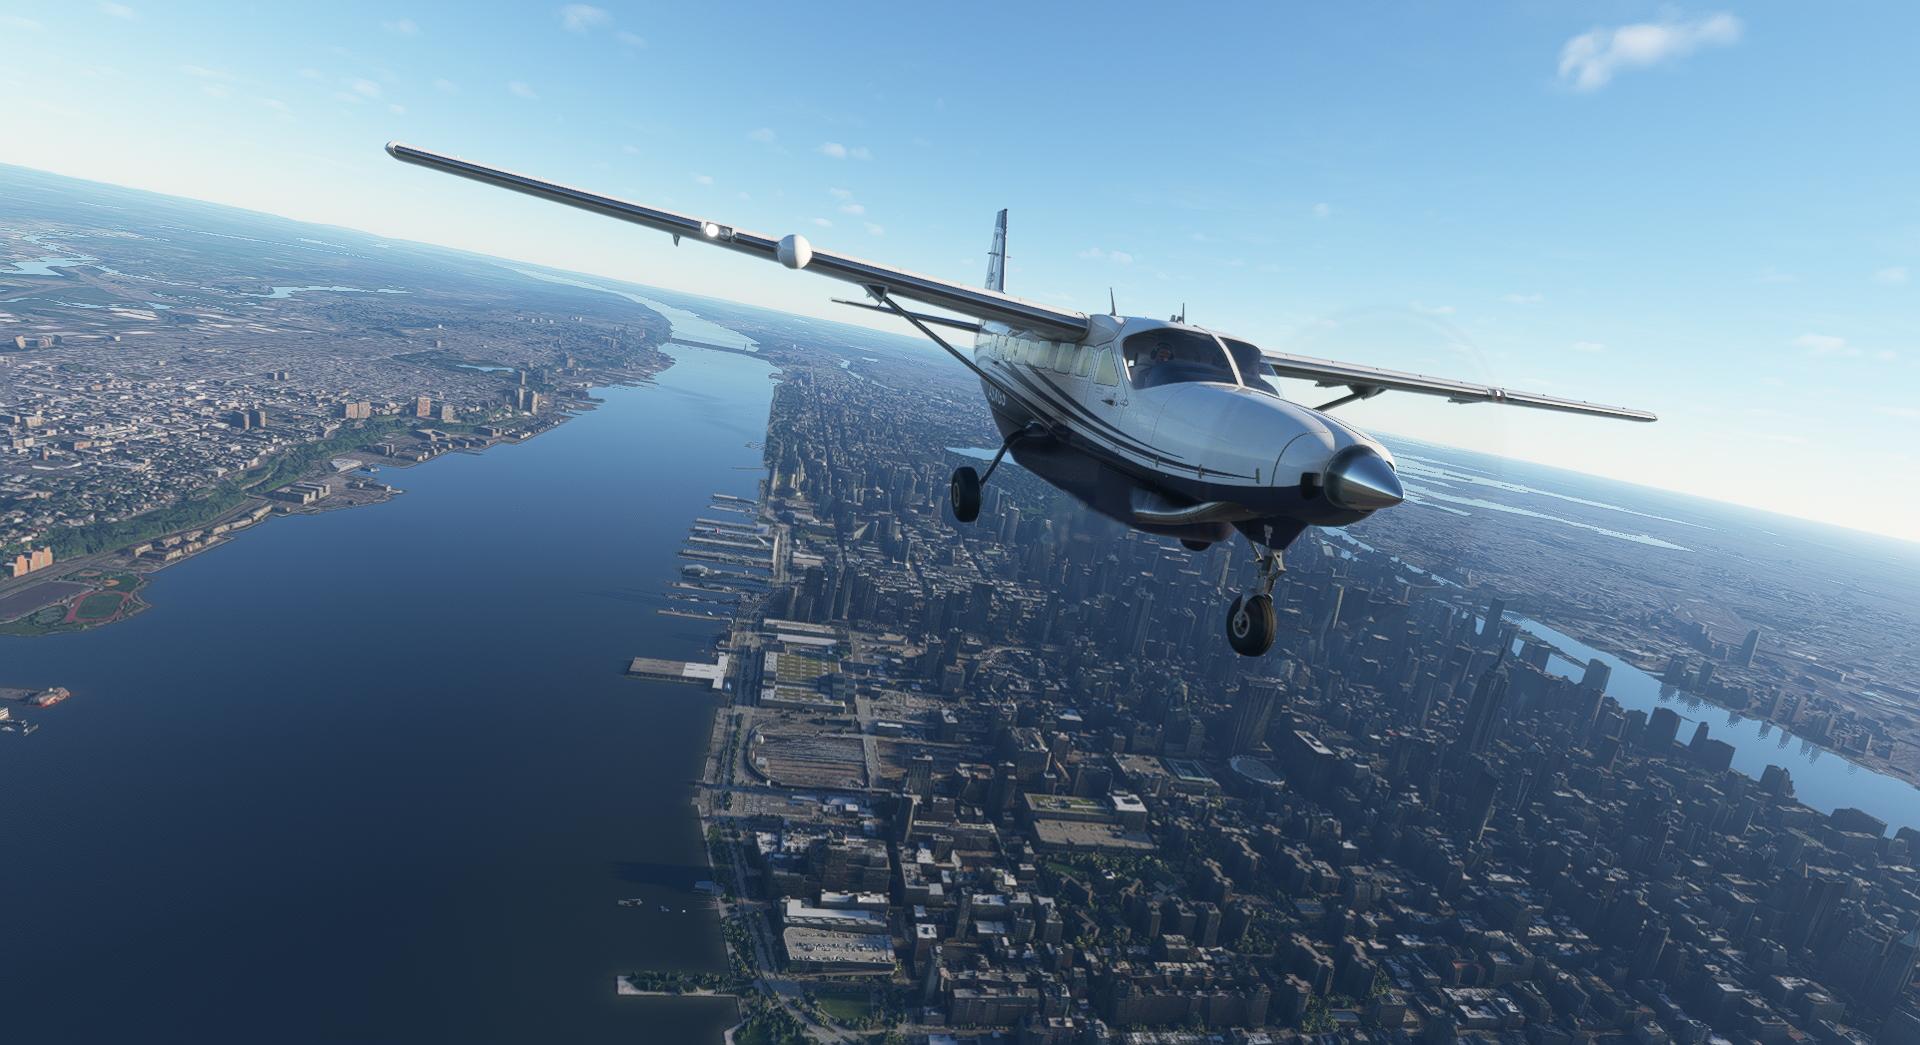 Microsoft Flight Simulator DirectX 12 update coming in 2021